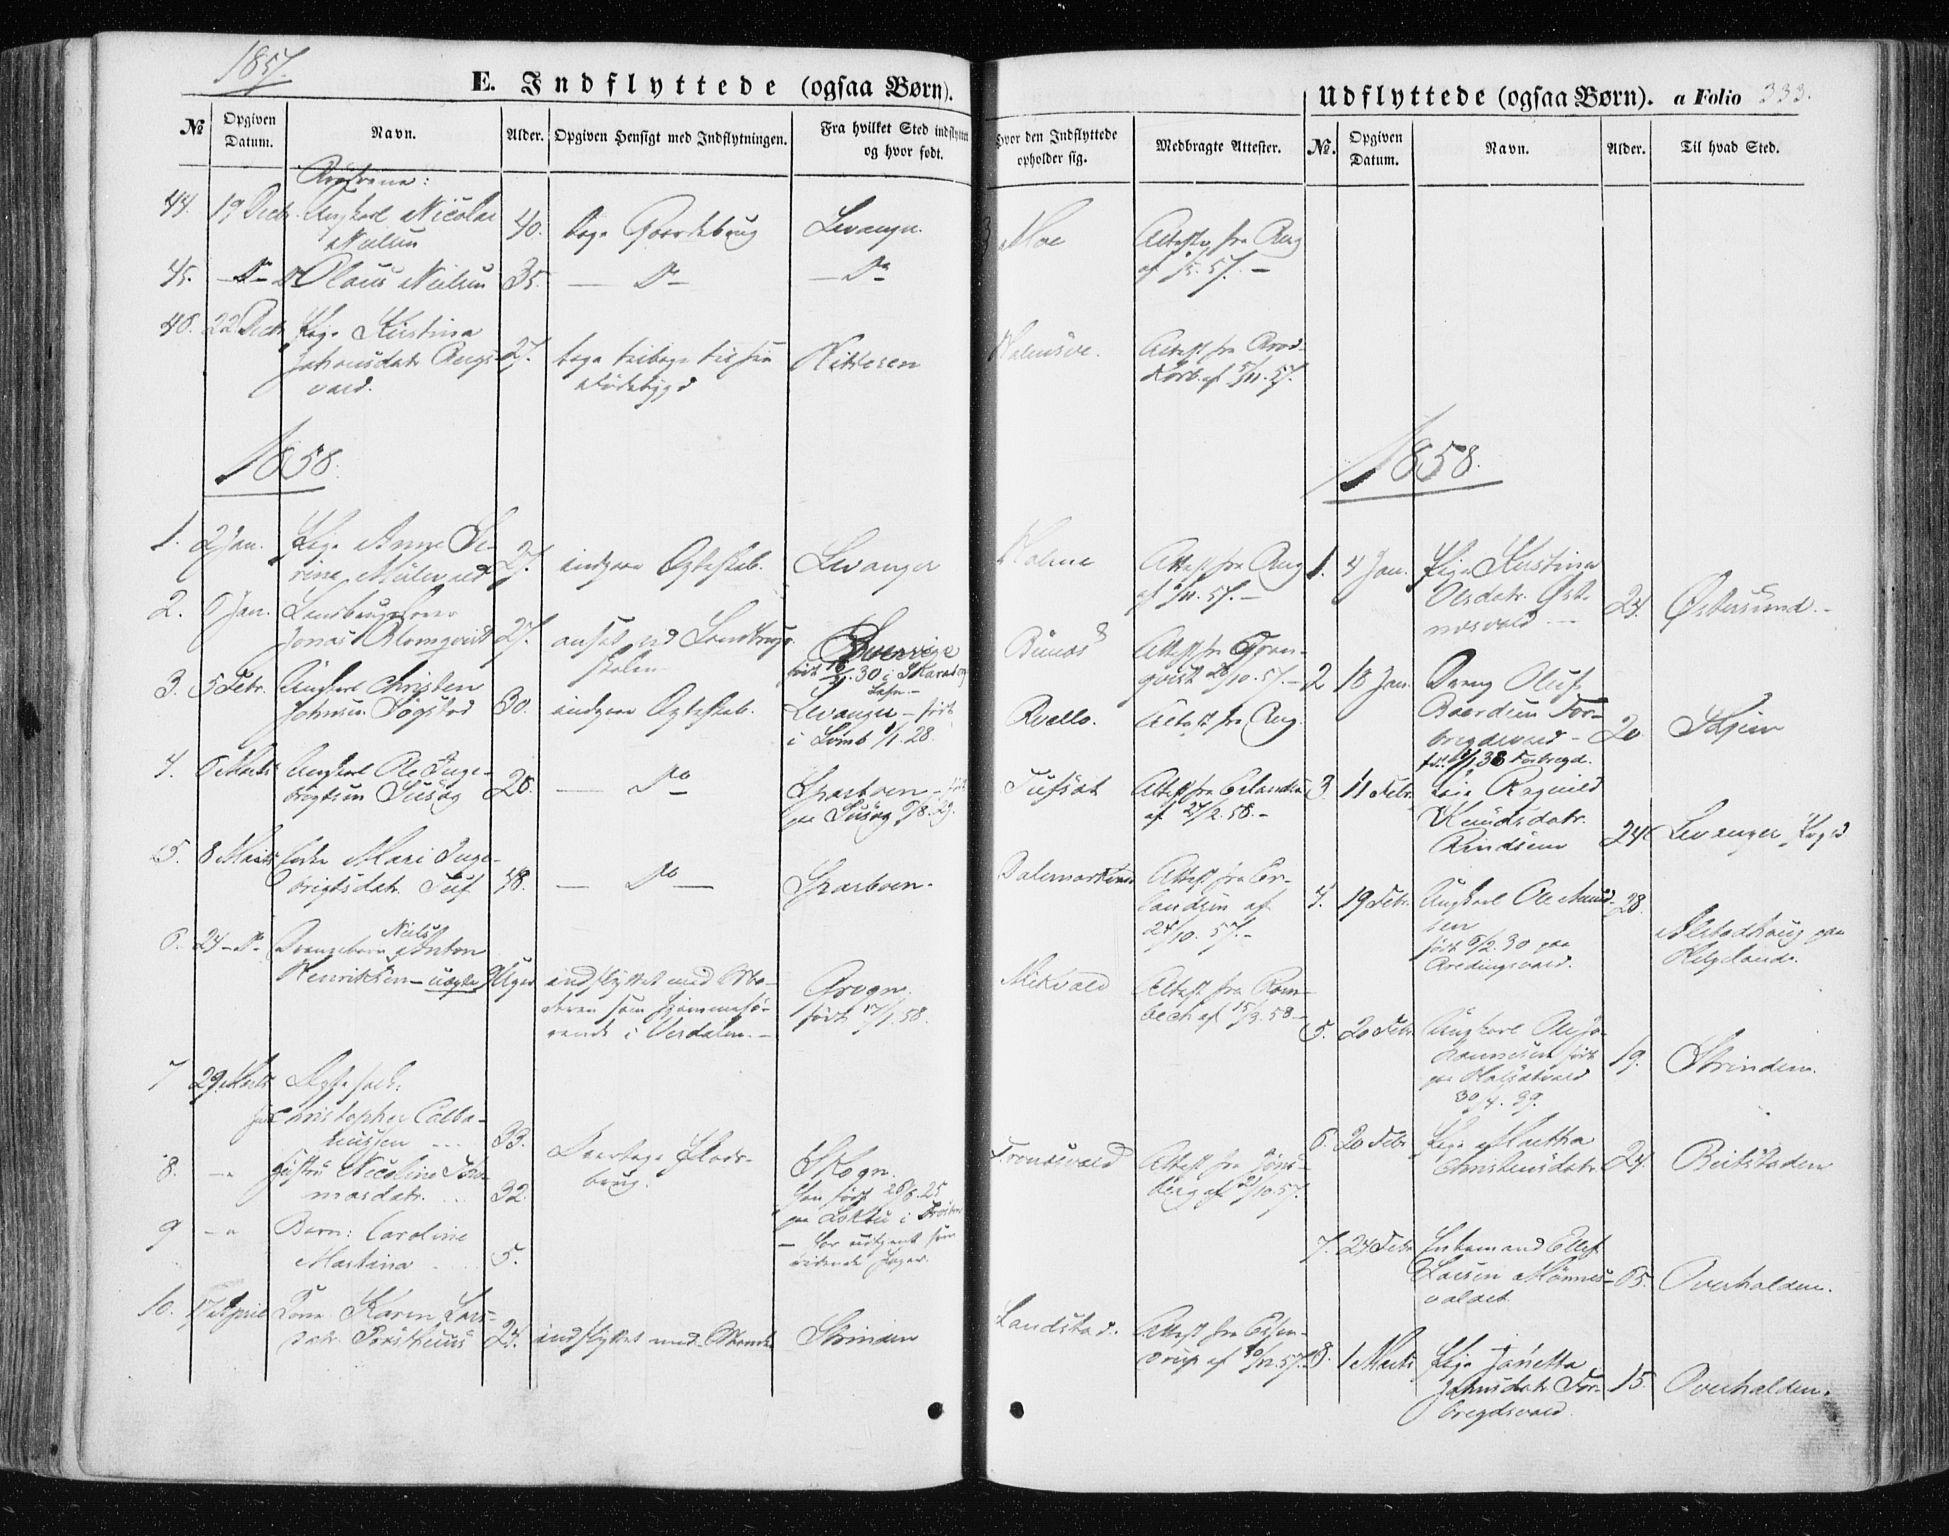 SAT, Ministerialprotokoller, klokkerbøker og fødselsregistre - Nord-Trøndelag, 723/L0240: Ministerialbok nr. 723A09, 1852-1860, s. 333